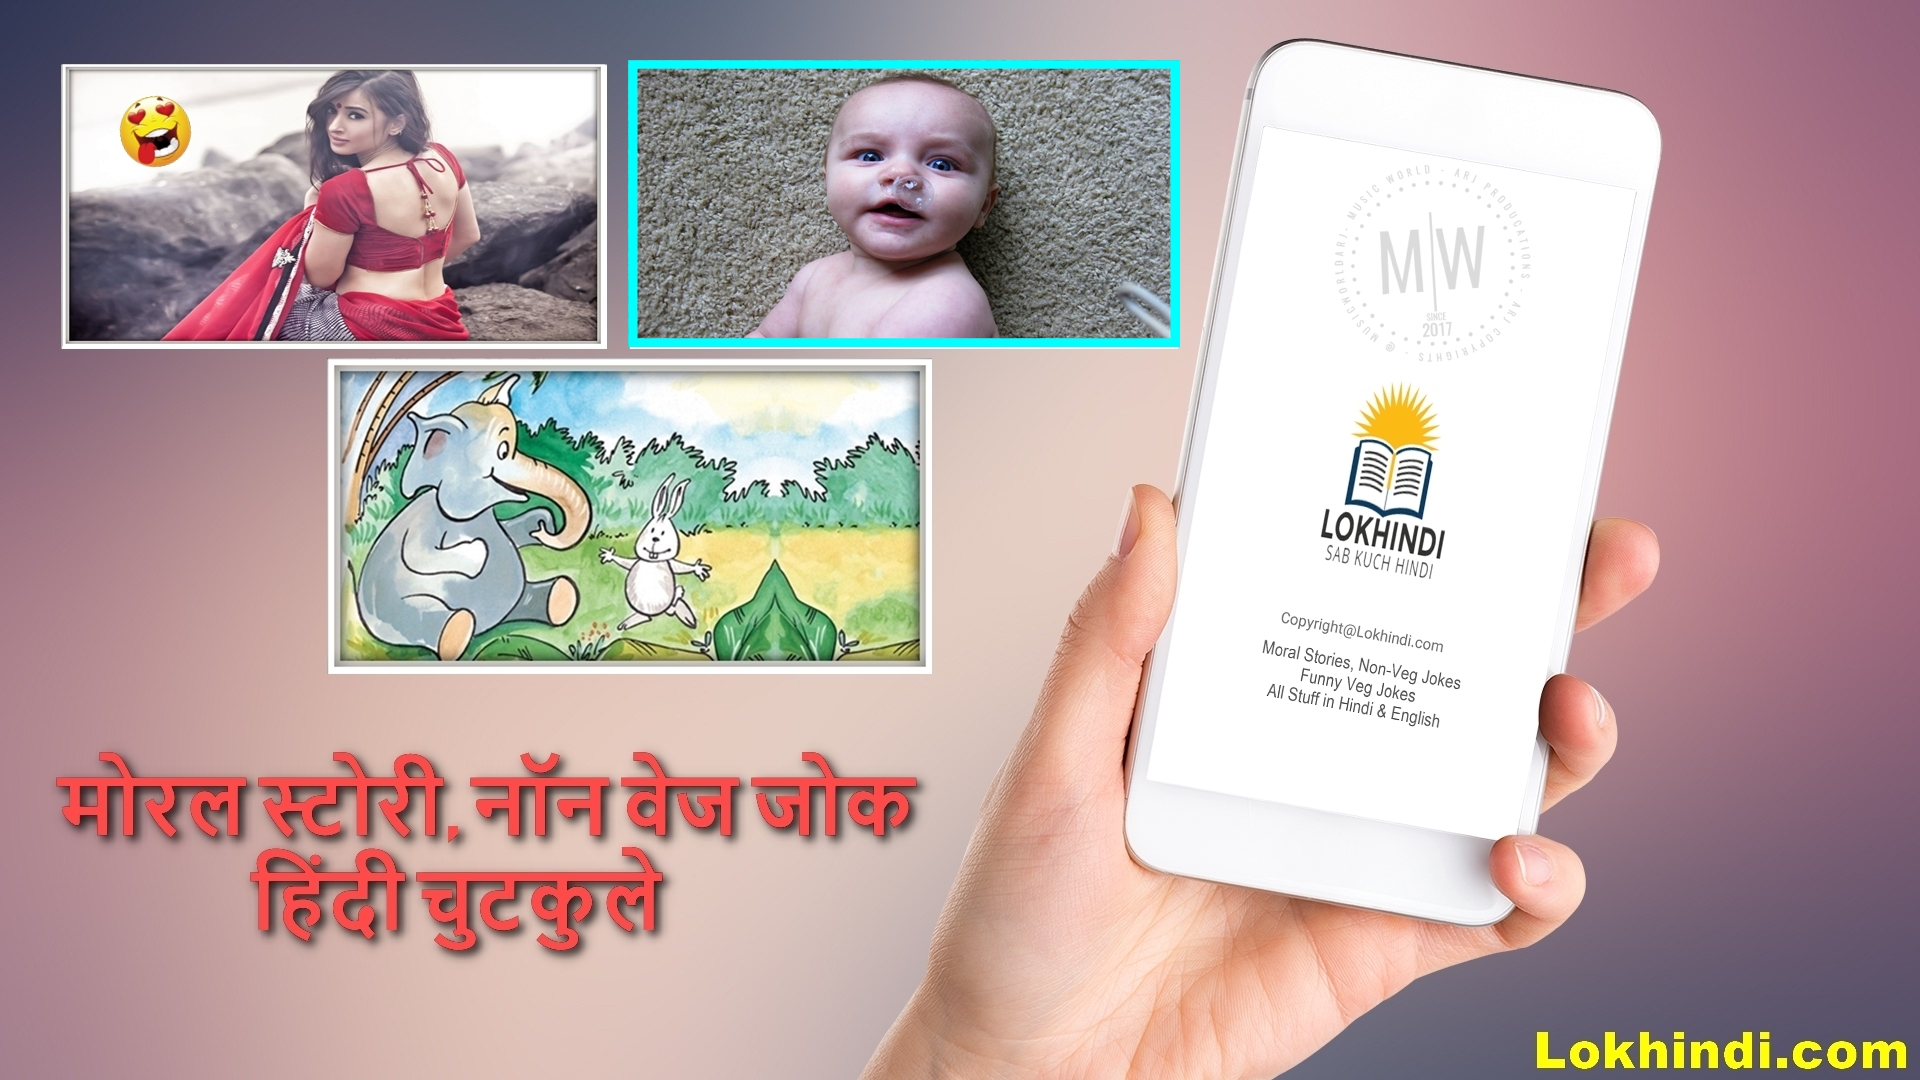 Amazon Com Moral Stories Non Veg Jokes Lokhindi Appstore For